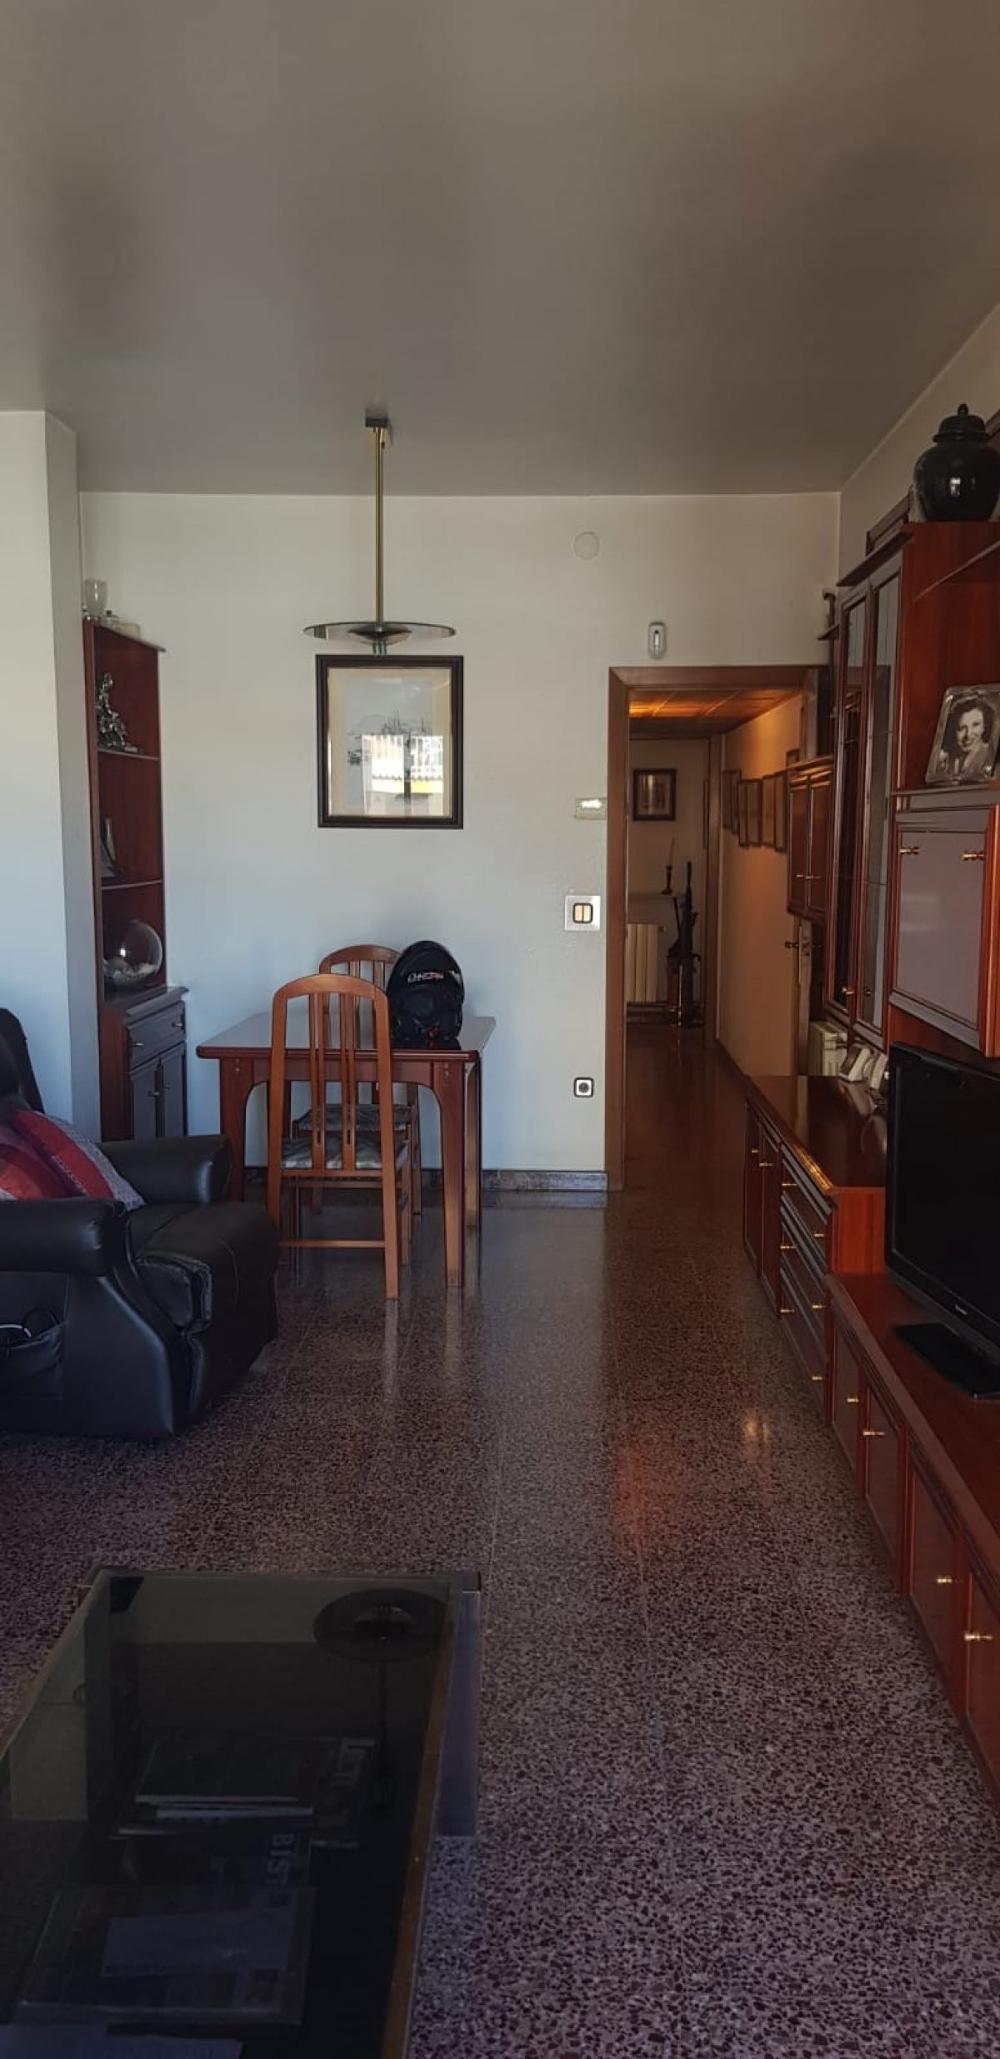 sant andreu-sant andreu barcelona piso foto 3730940